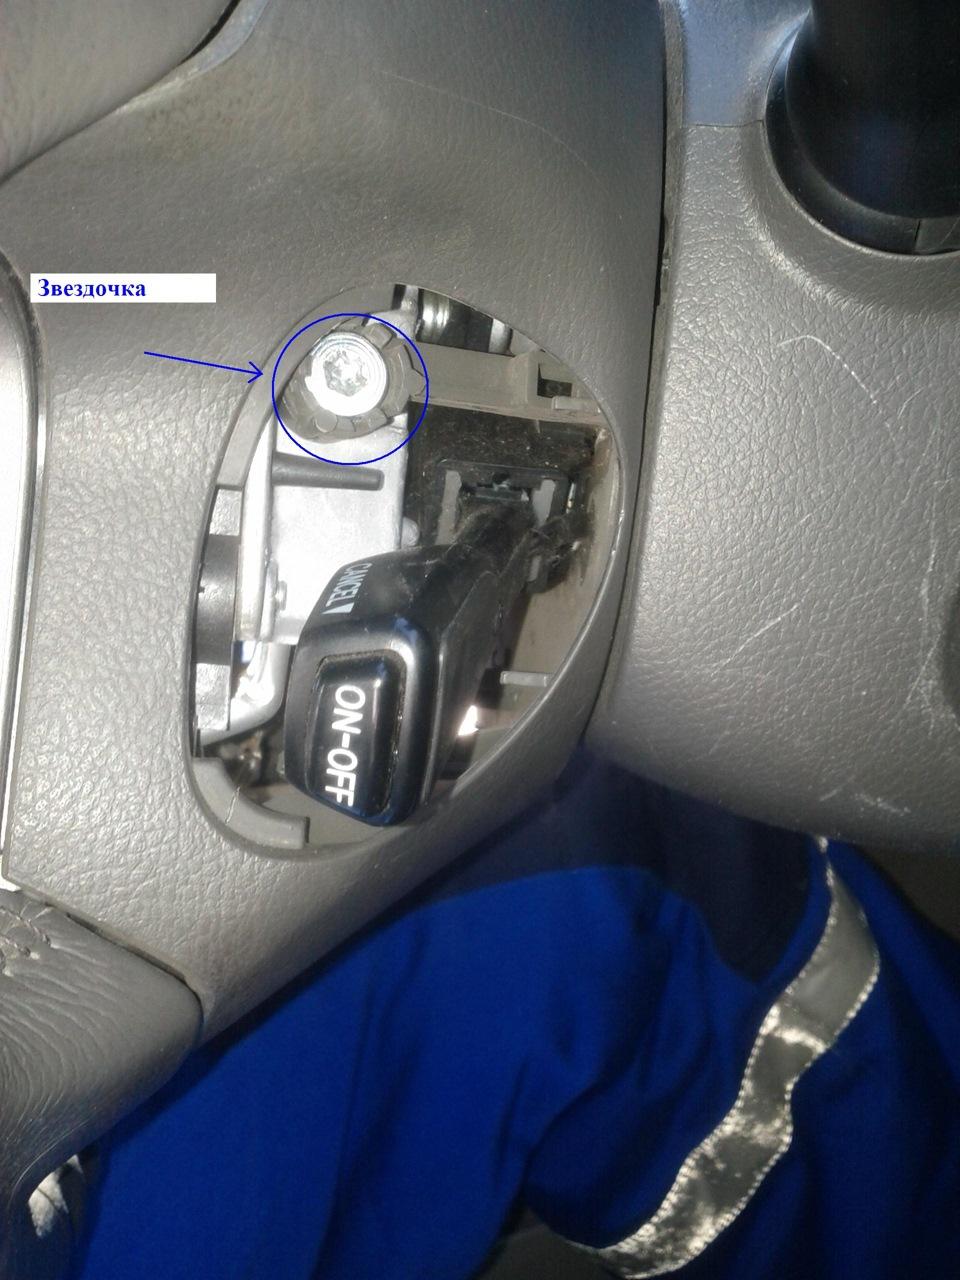 Стук в руле камри 40